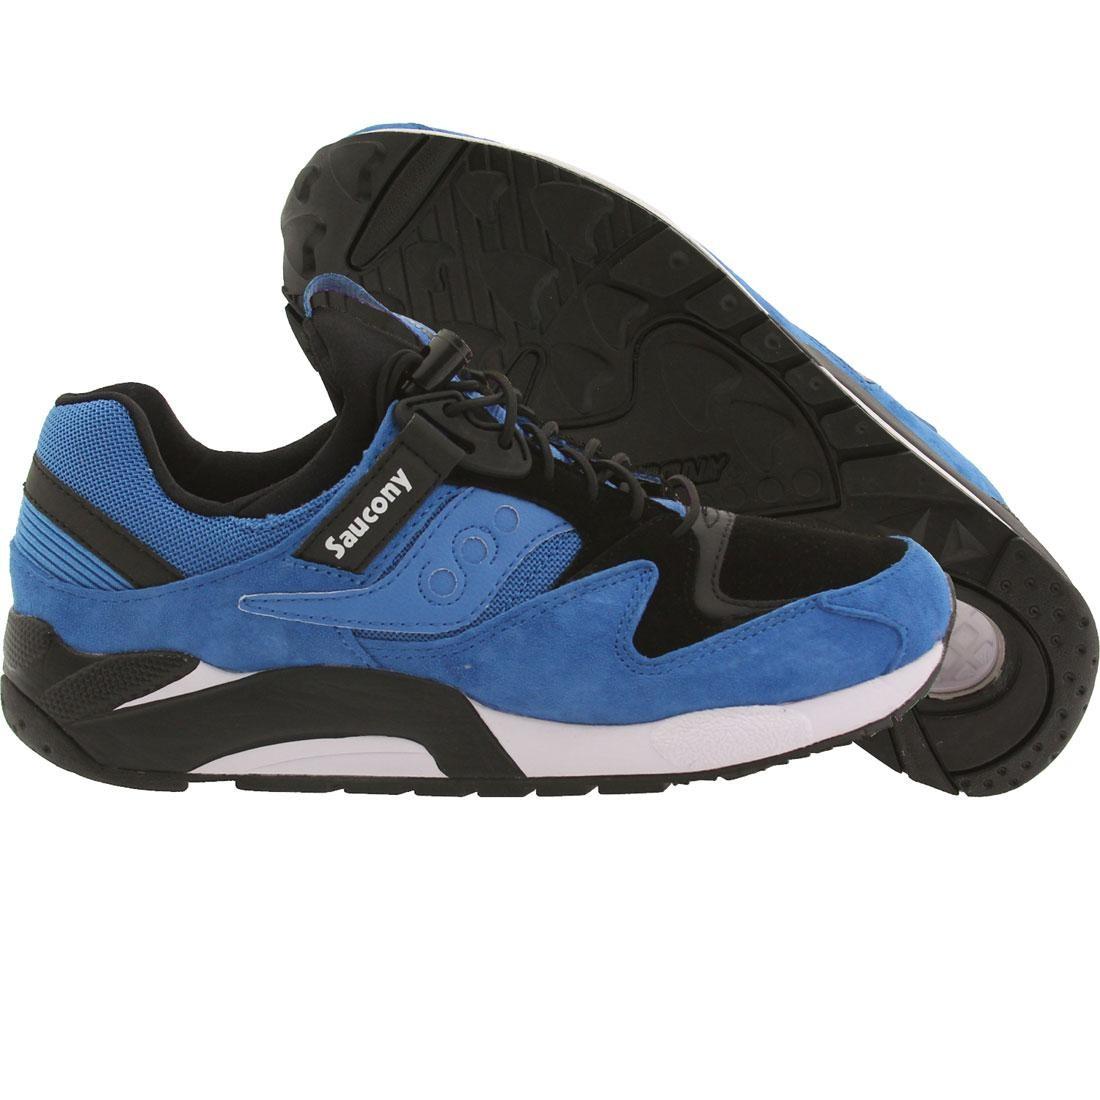 【海外限定】サッカニー 靴 スニーカー 【 SAUCONY MEN GRID 9000 BLUE BLACK 】